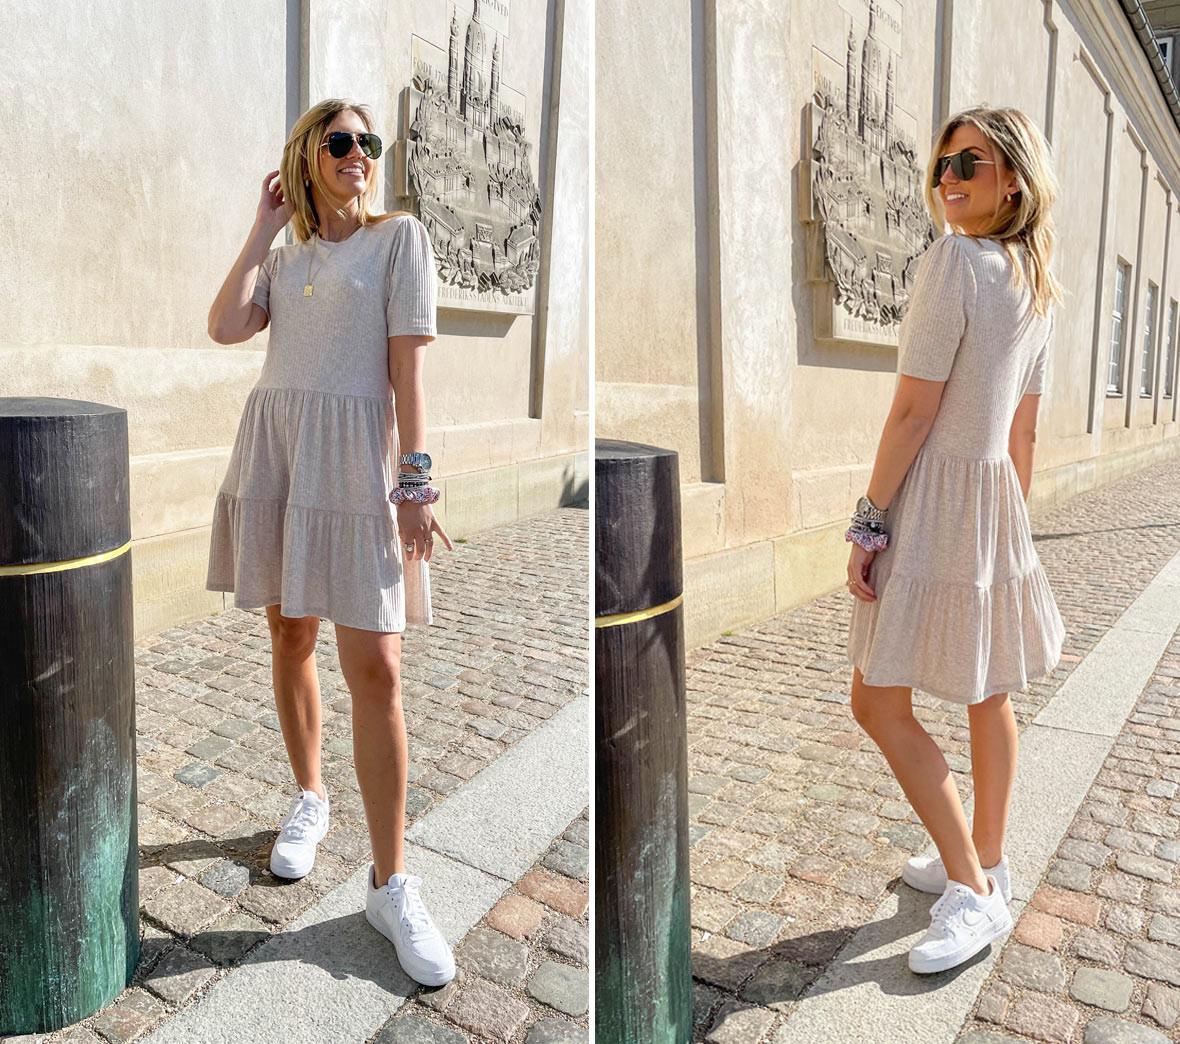 sommerkjoler_rib_comfy_kjoler.jpg